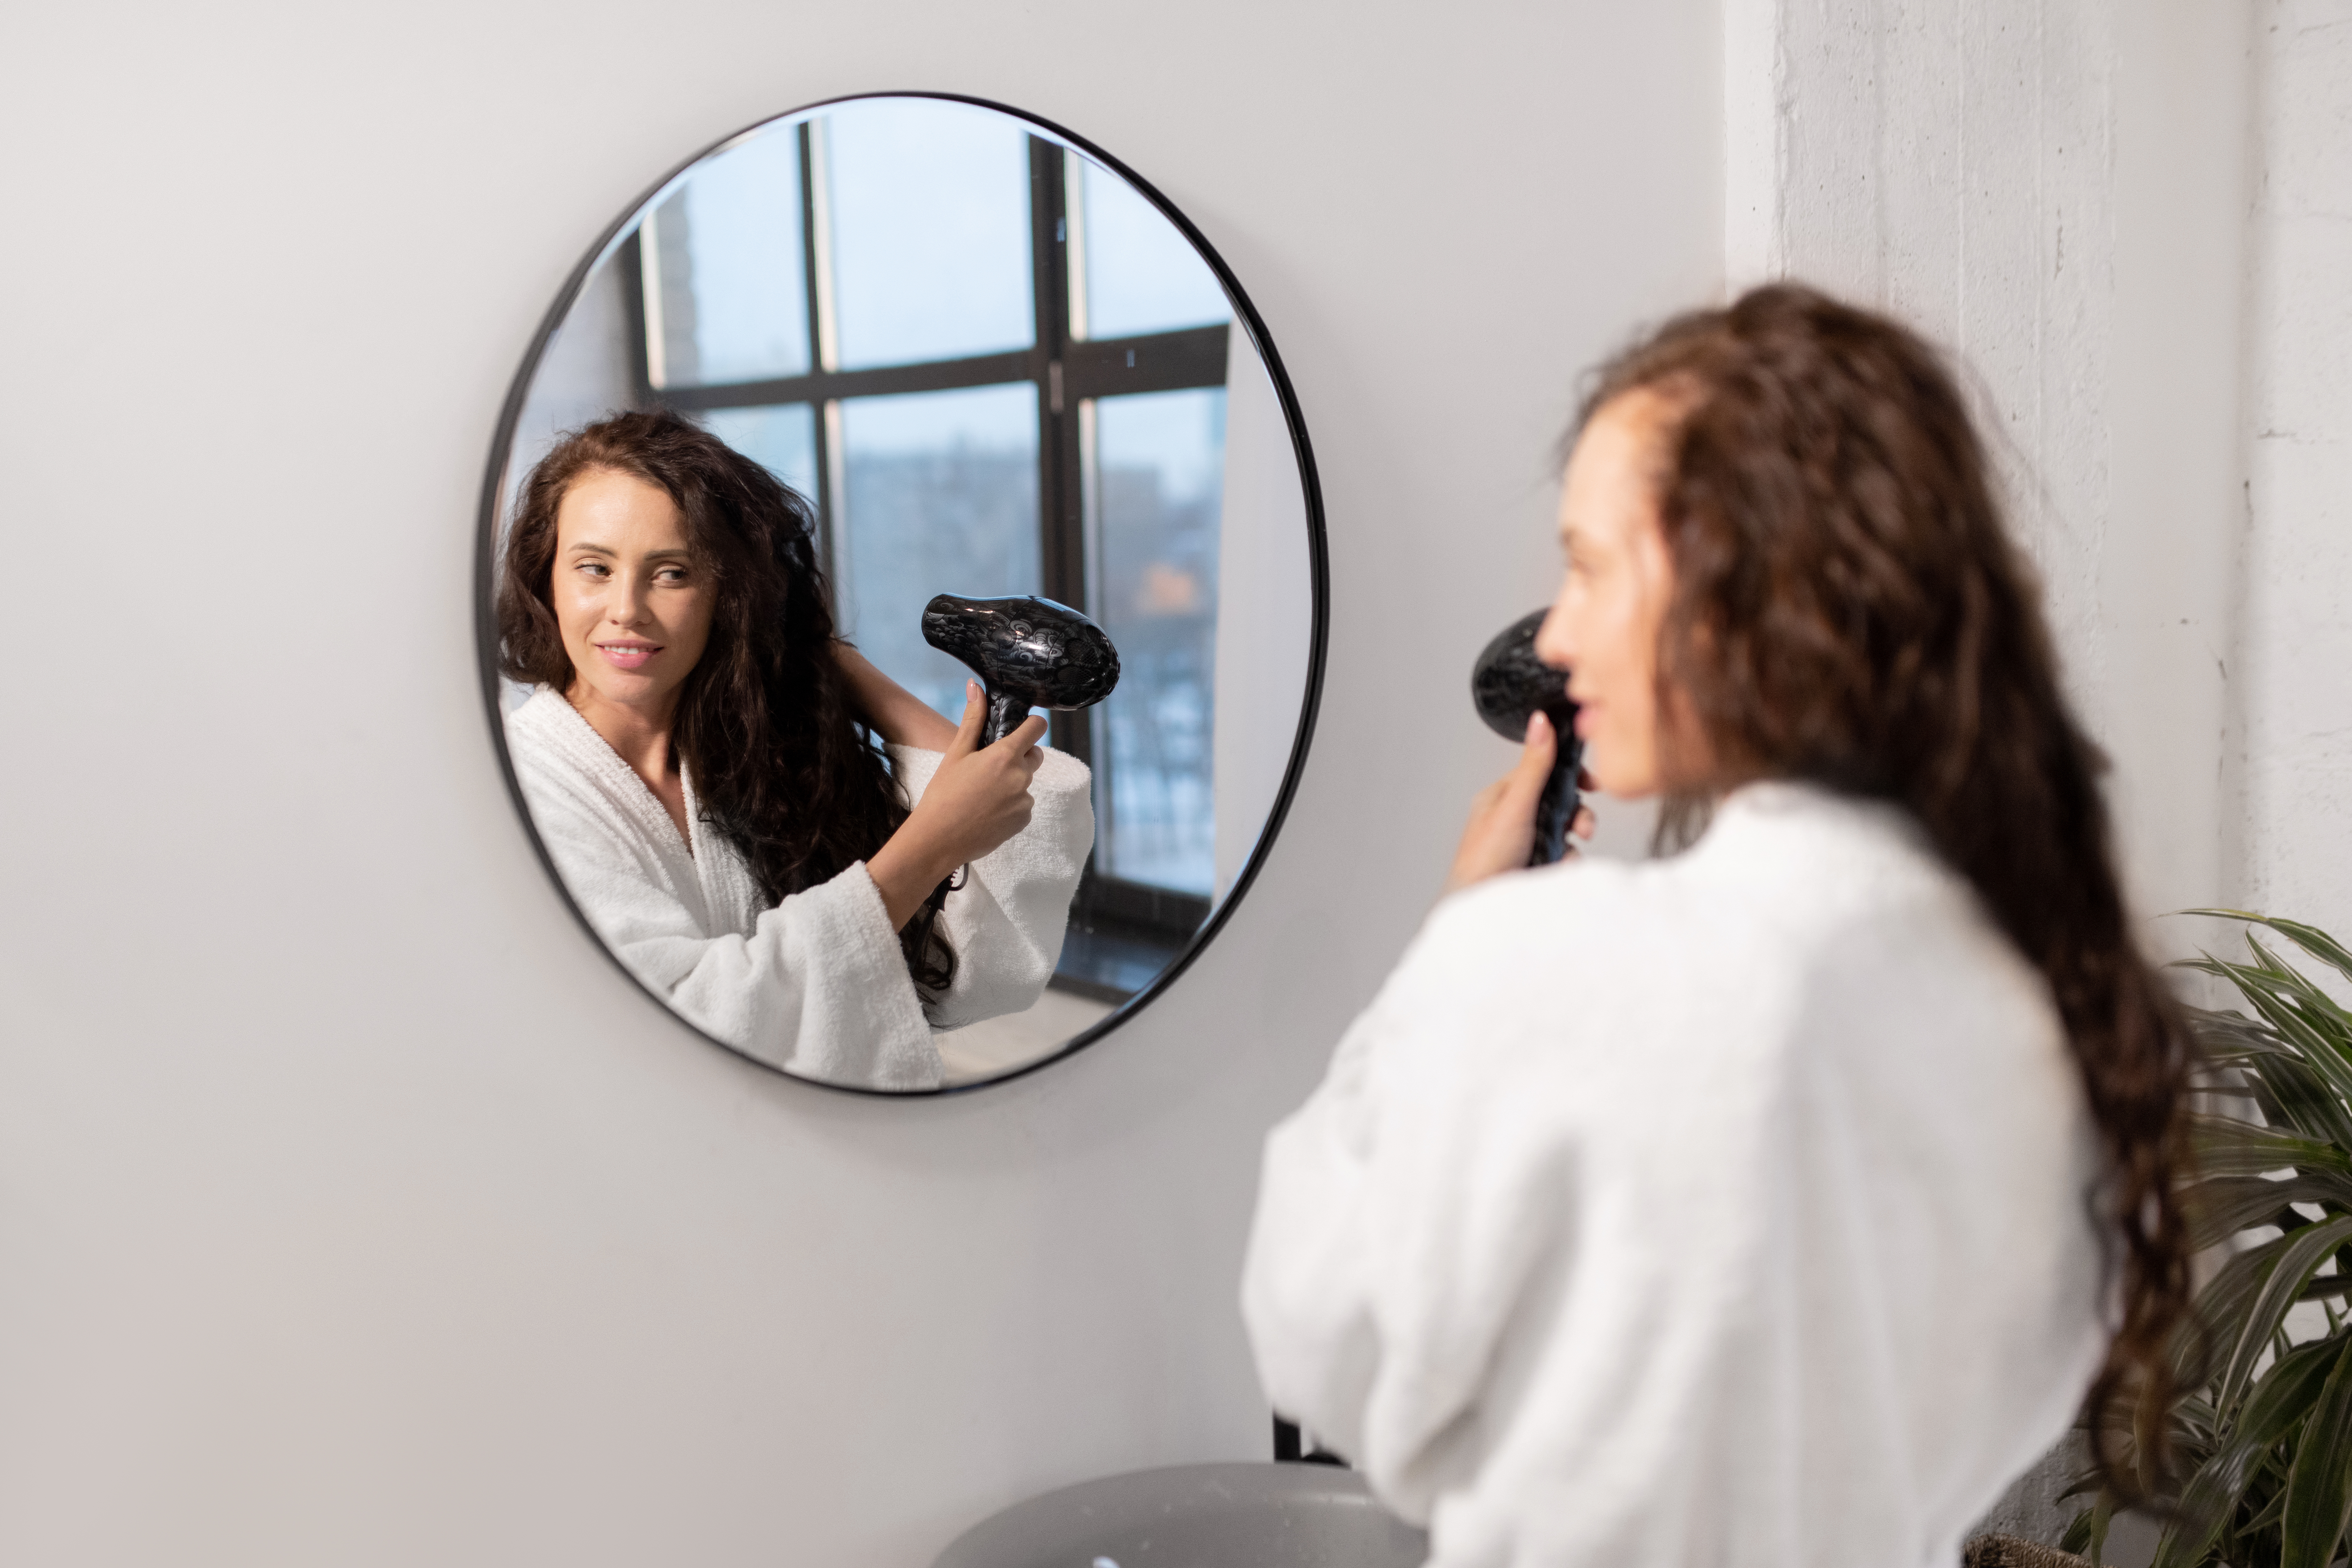 ¿Debería lavarme el pelo después de salir a la calle durante la epidemia del COVID-19?